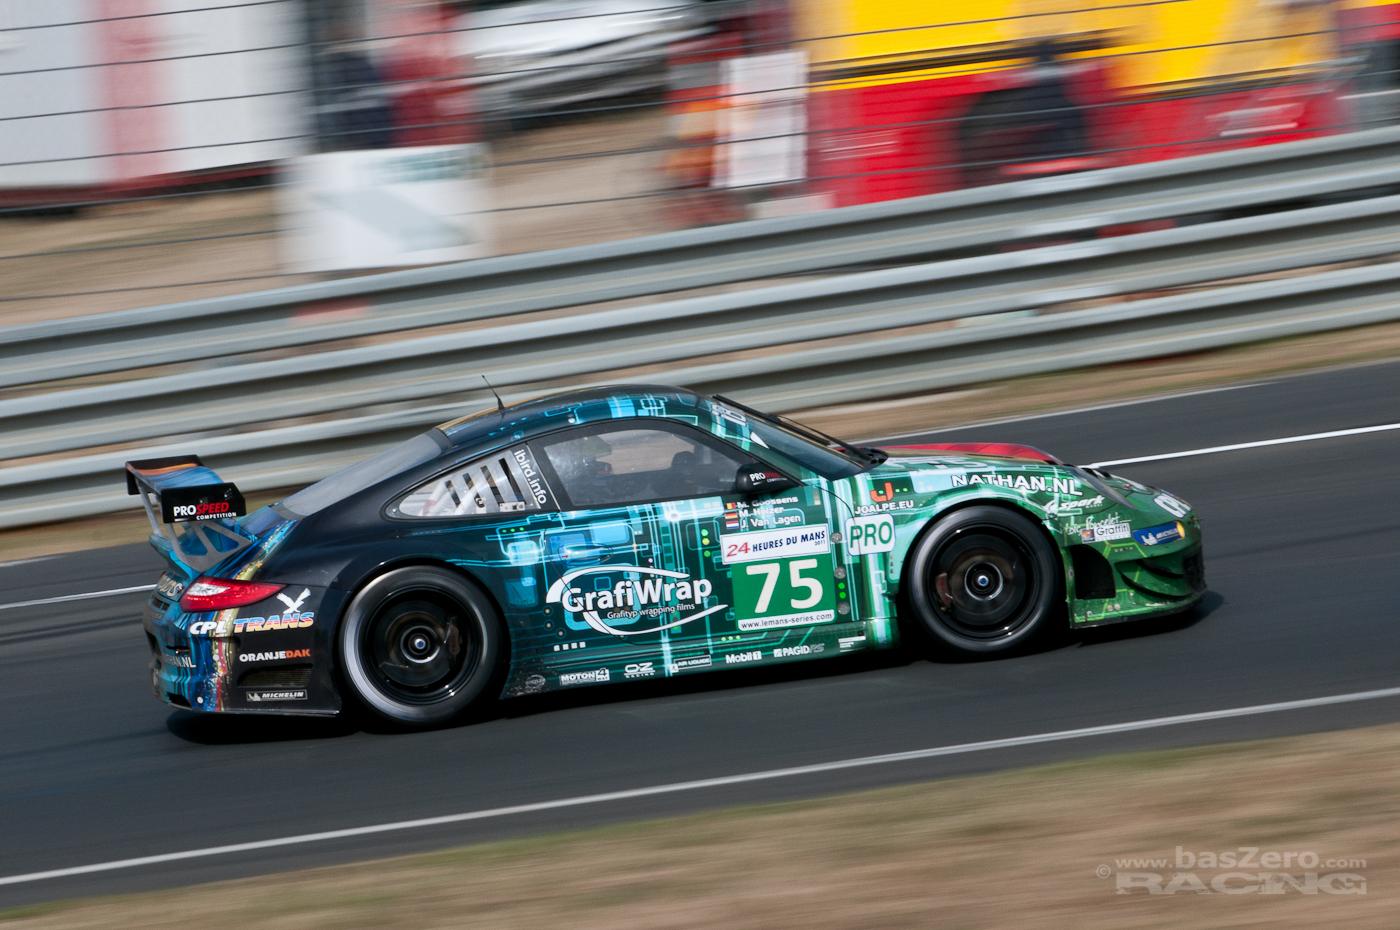 ProSpeed Competition - Designed by Loïc Poncelet - Porschekurve - Le Mans 2011